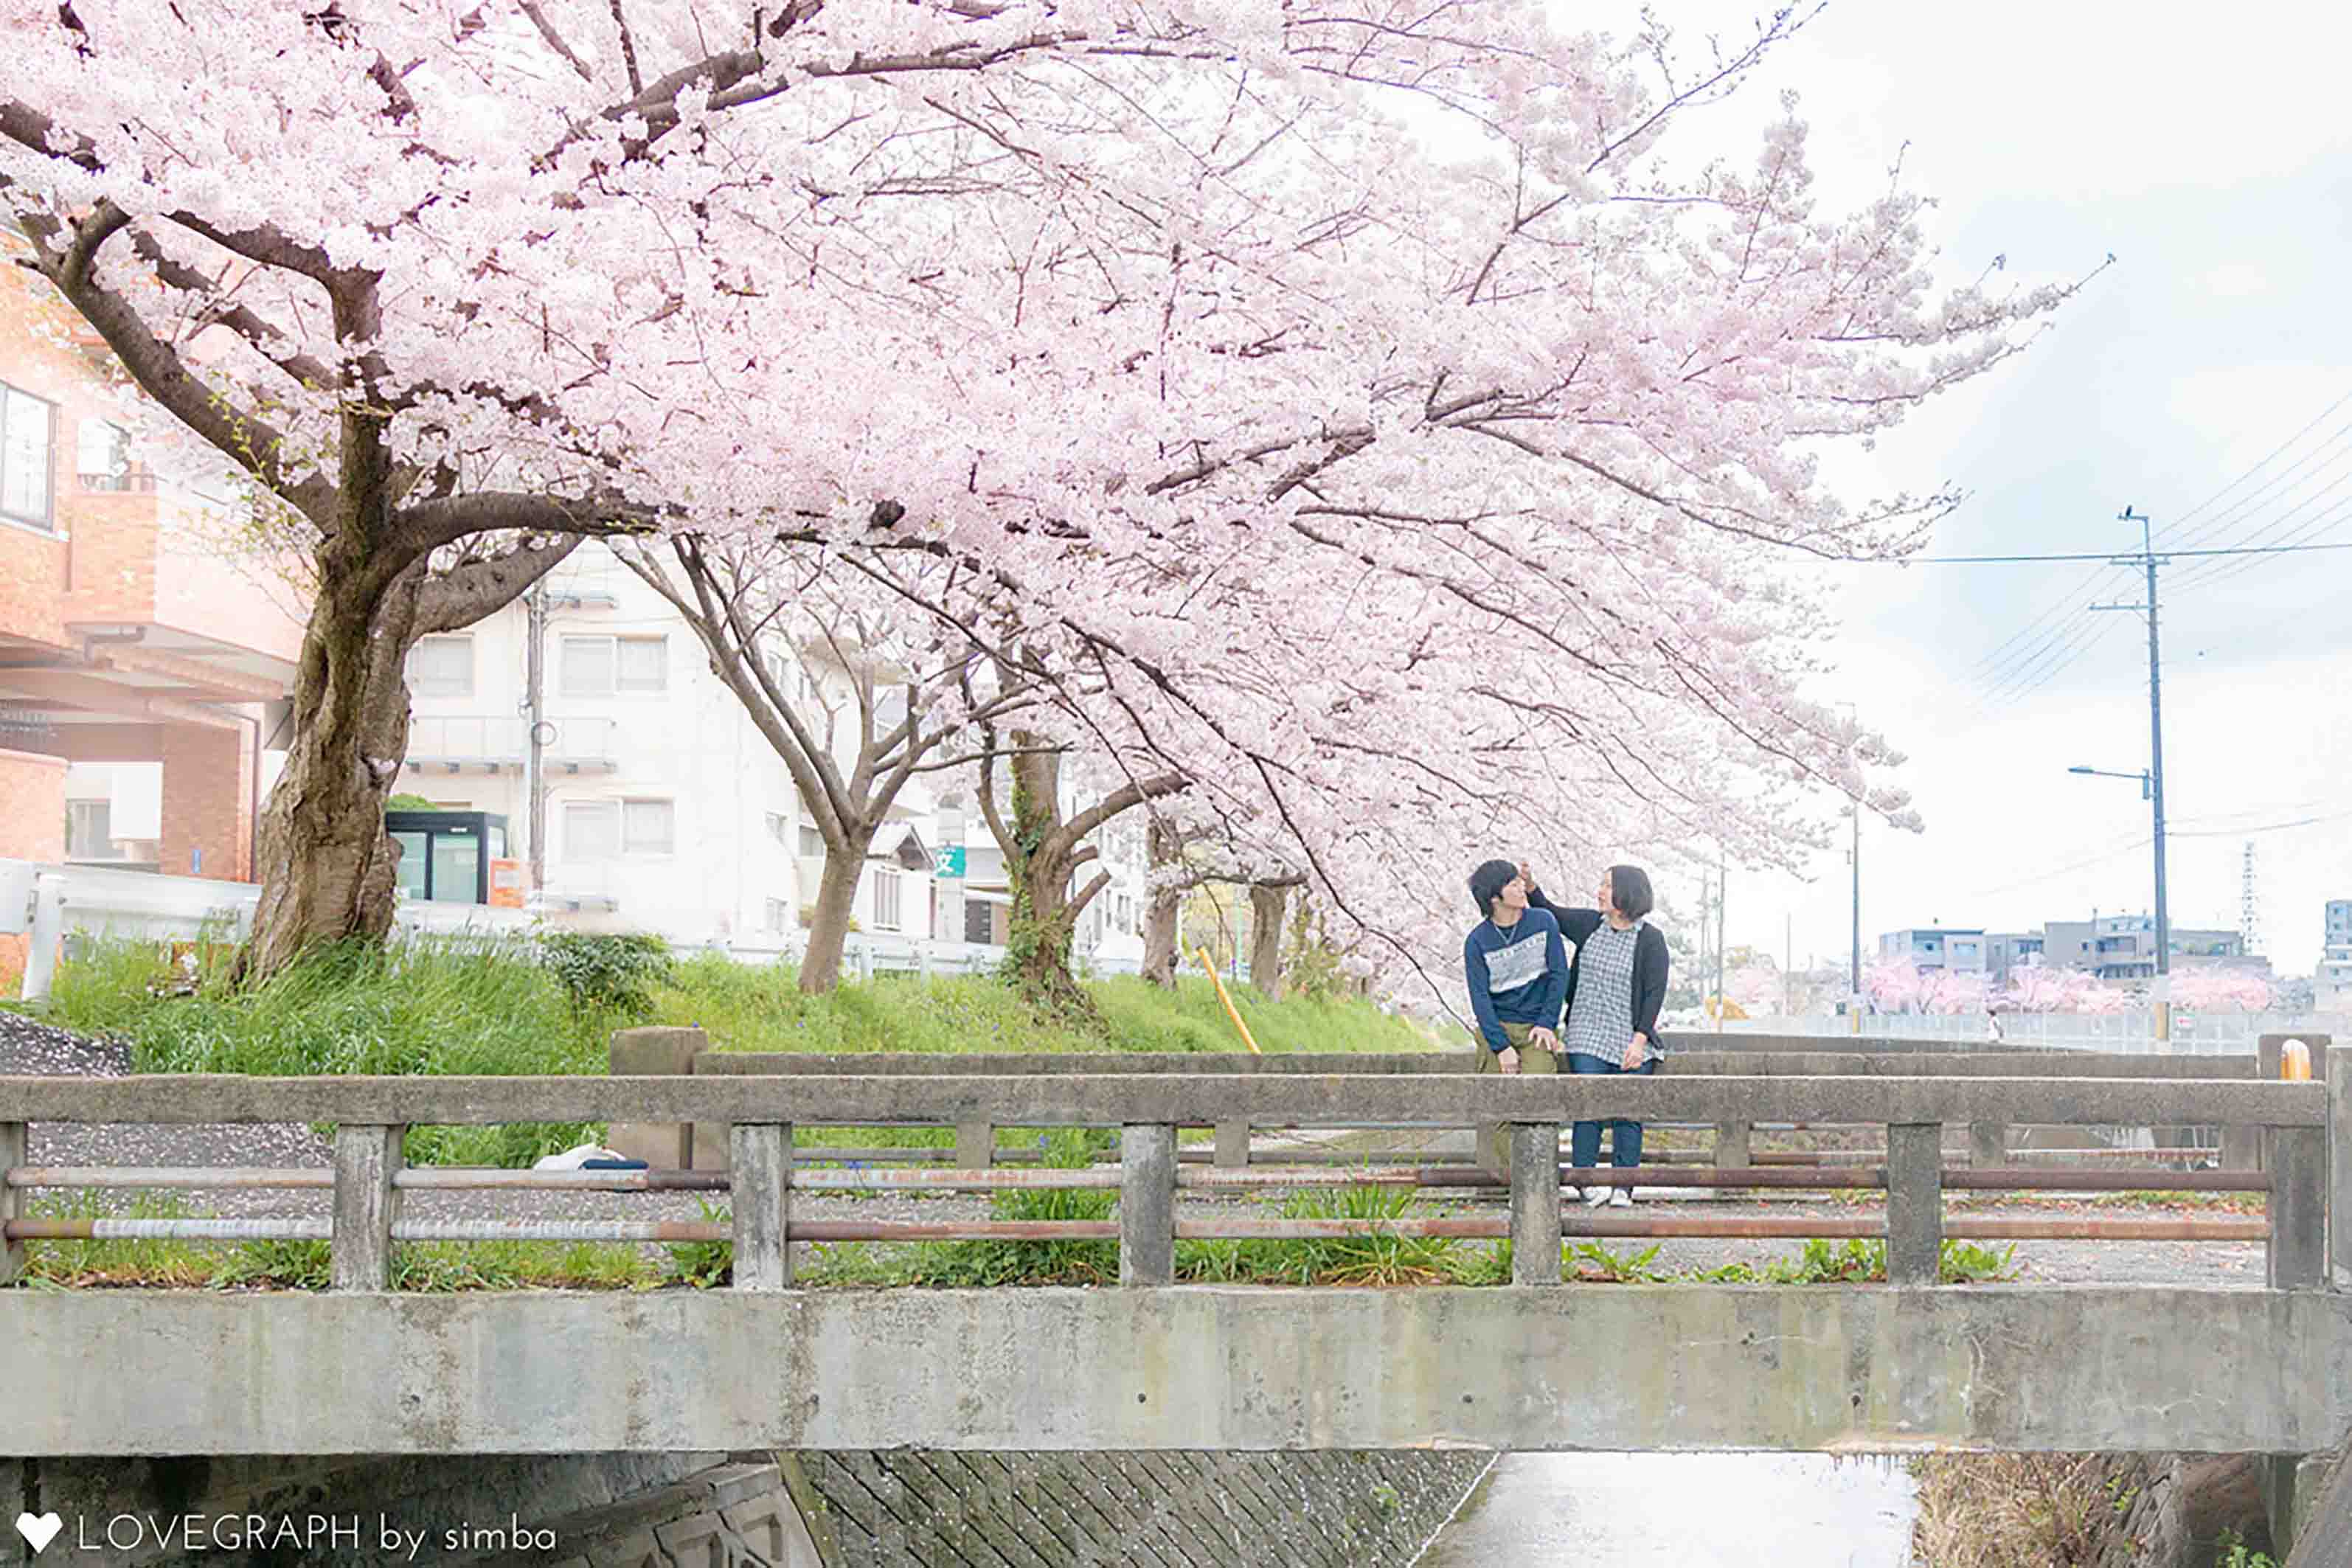 桜下のカップル